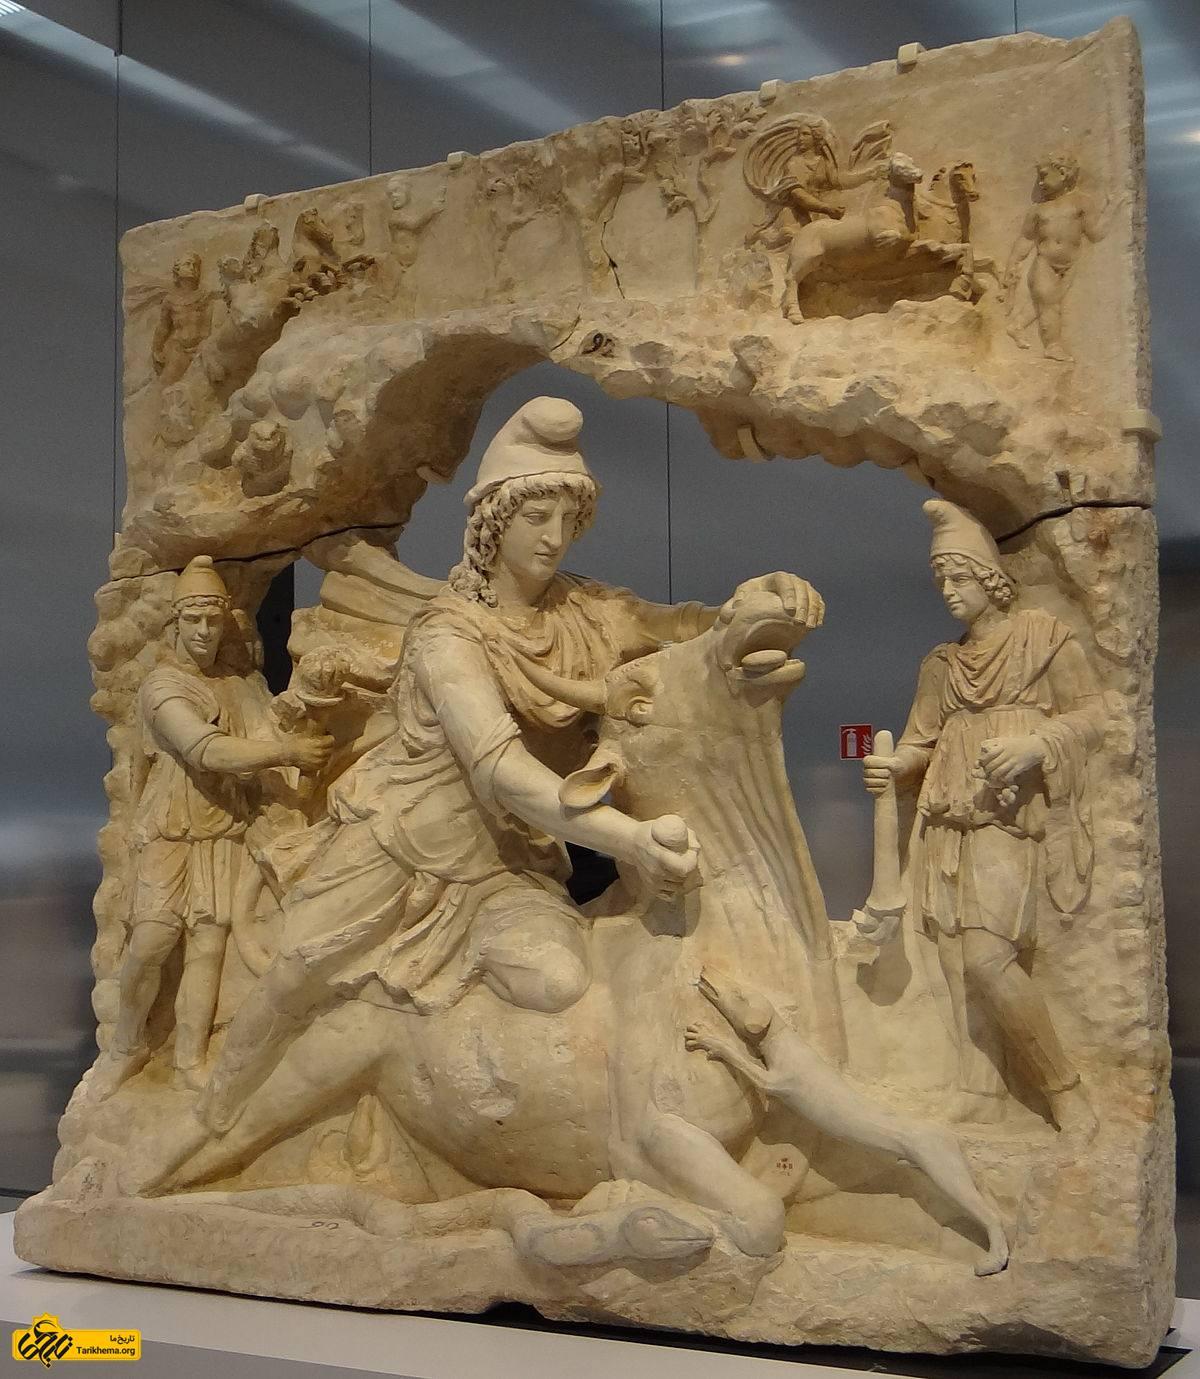 فایدۀ اسطورهشناسی